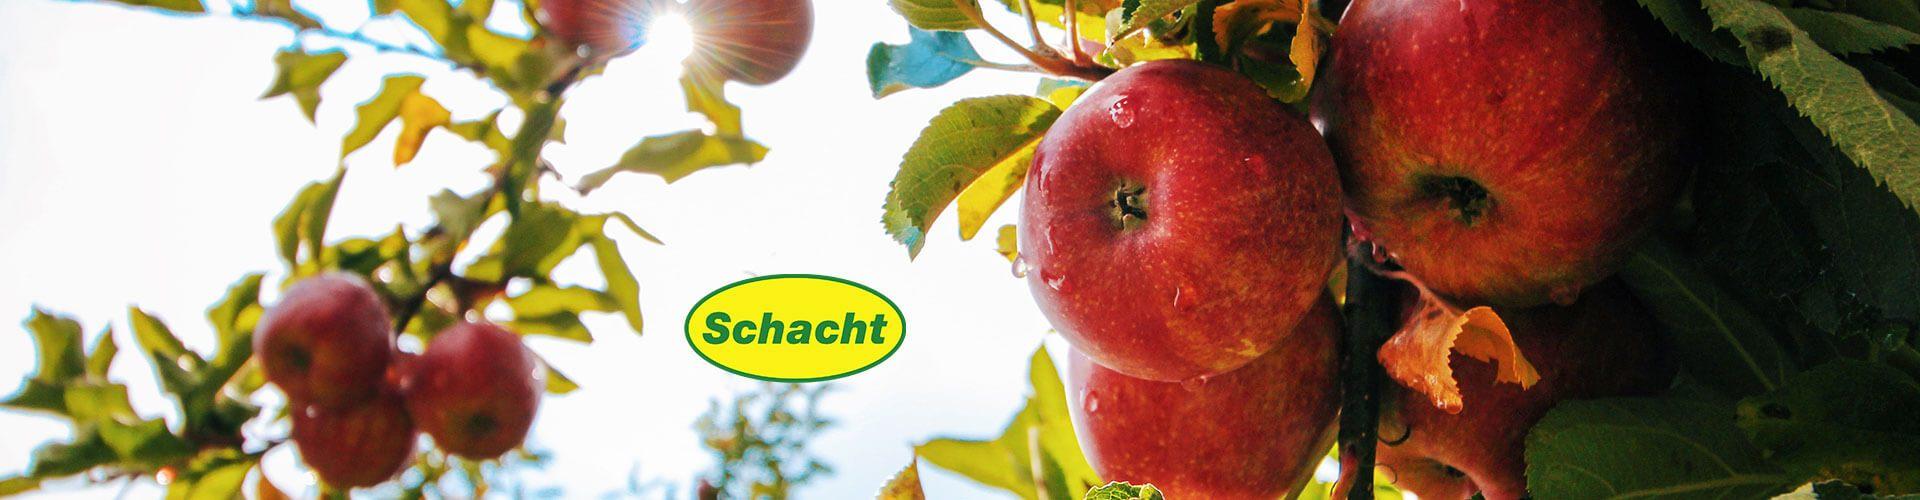 Schacht | Grama-trgovina